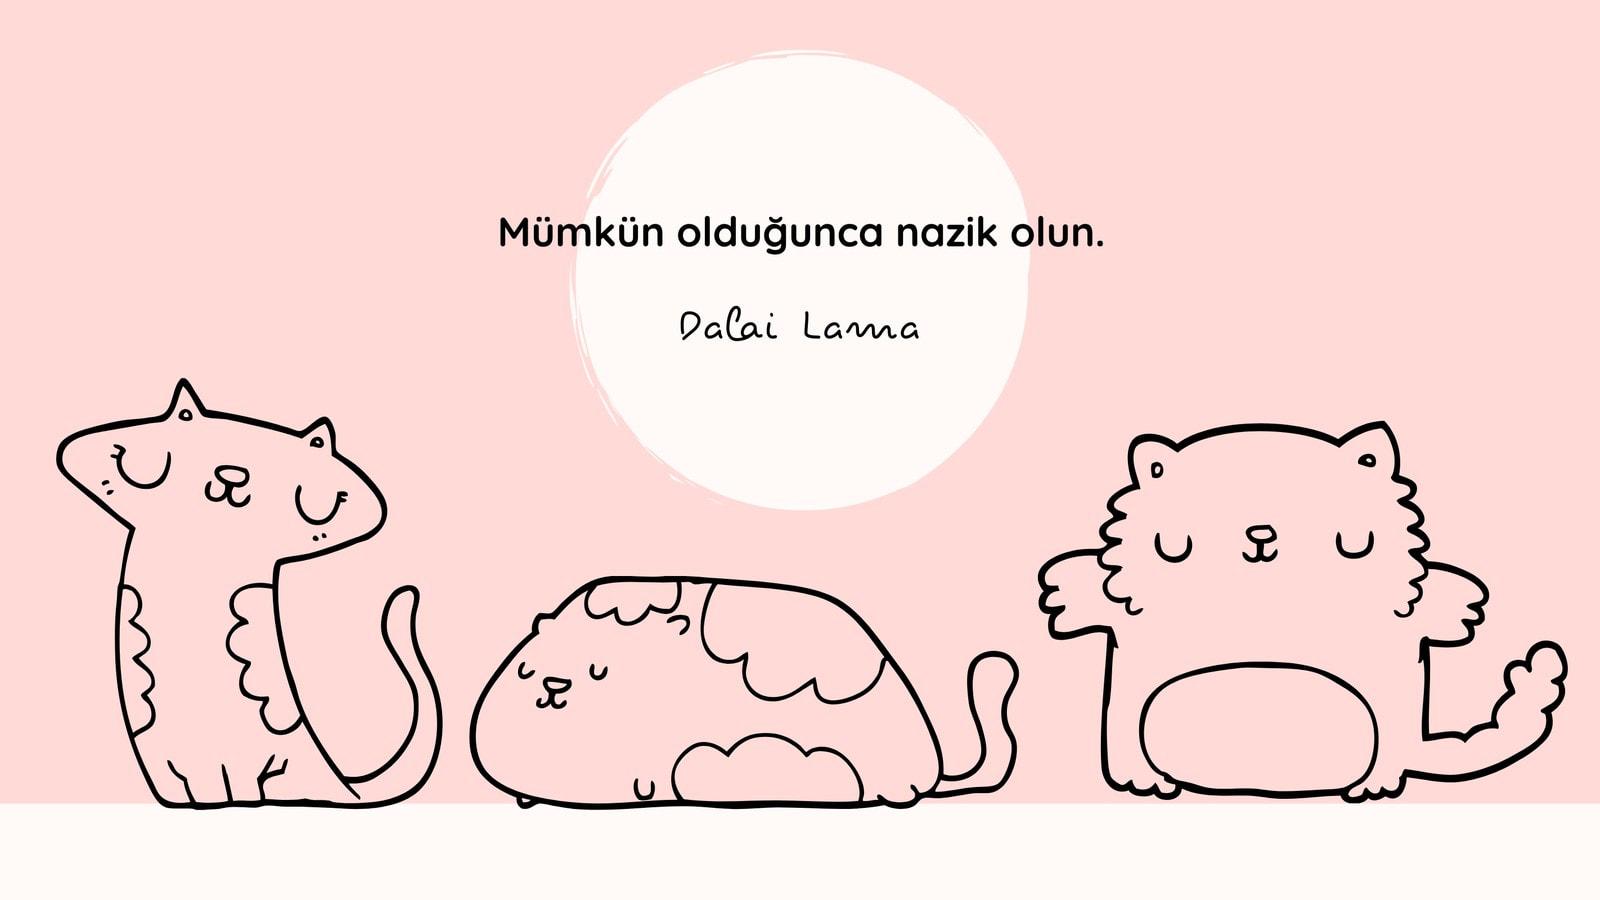 Pembe Yavru Kedi Çizimleri Şirin Masaüstü Duvar Kağıdı